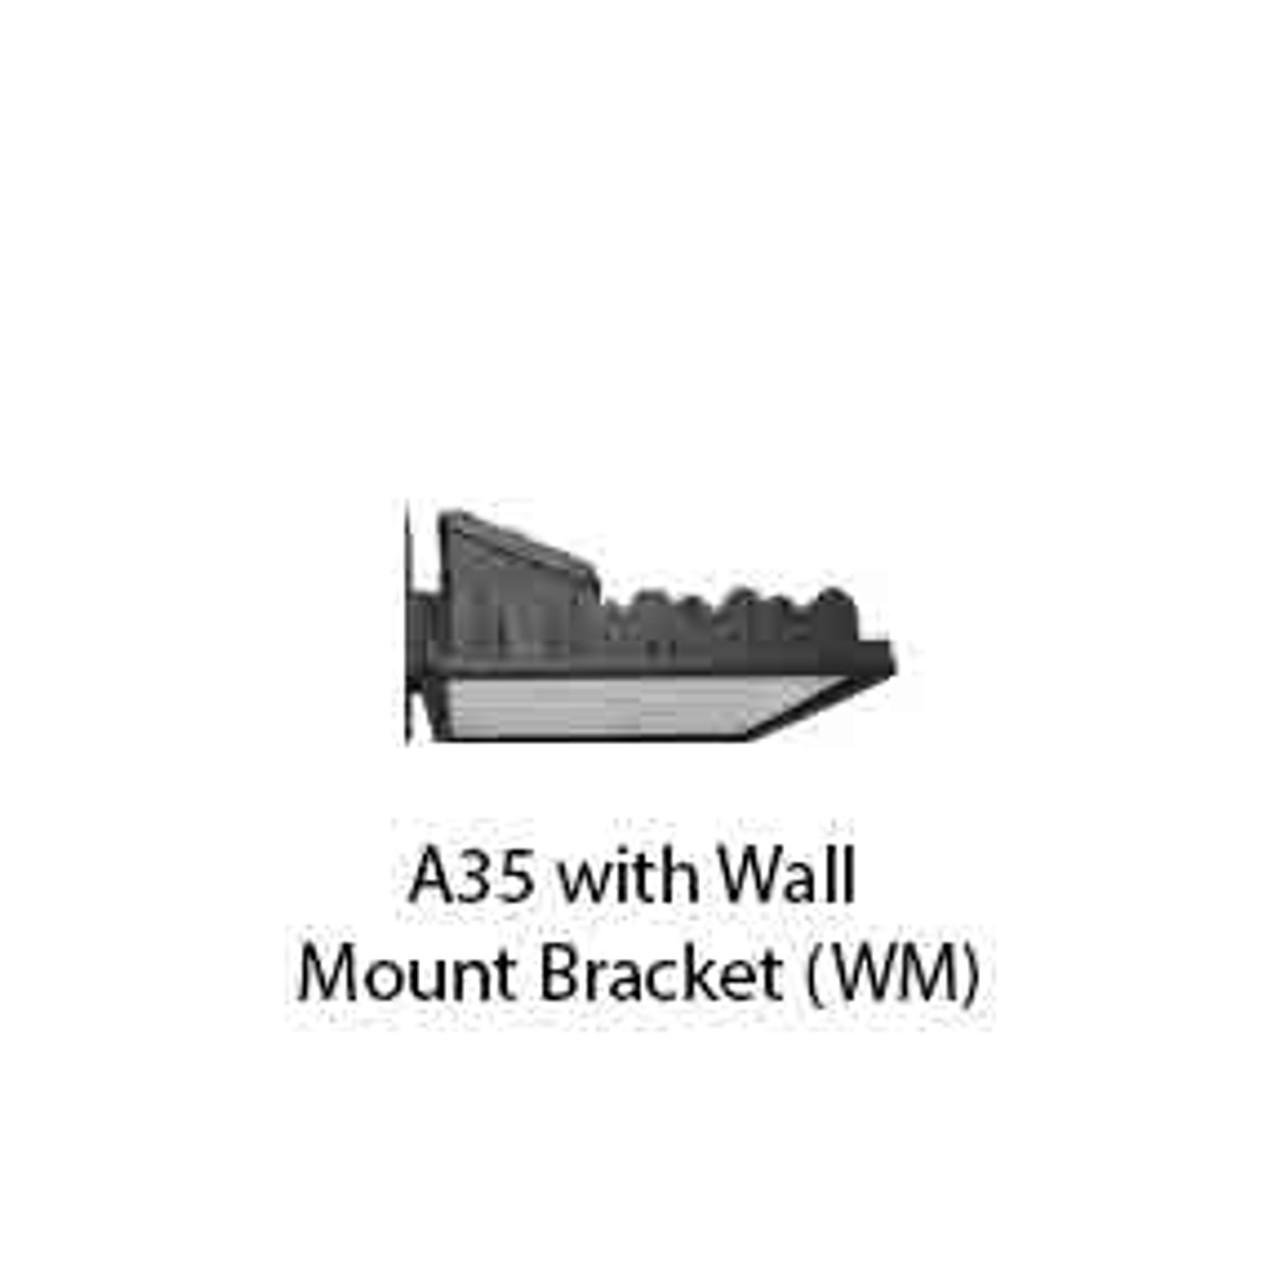 A35 with Wall Mount Bracket (WM)